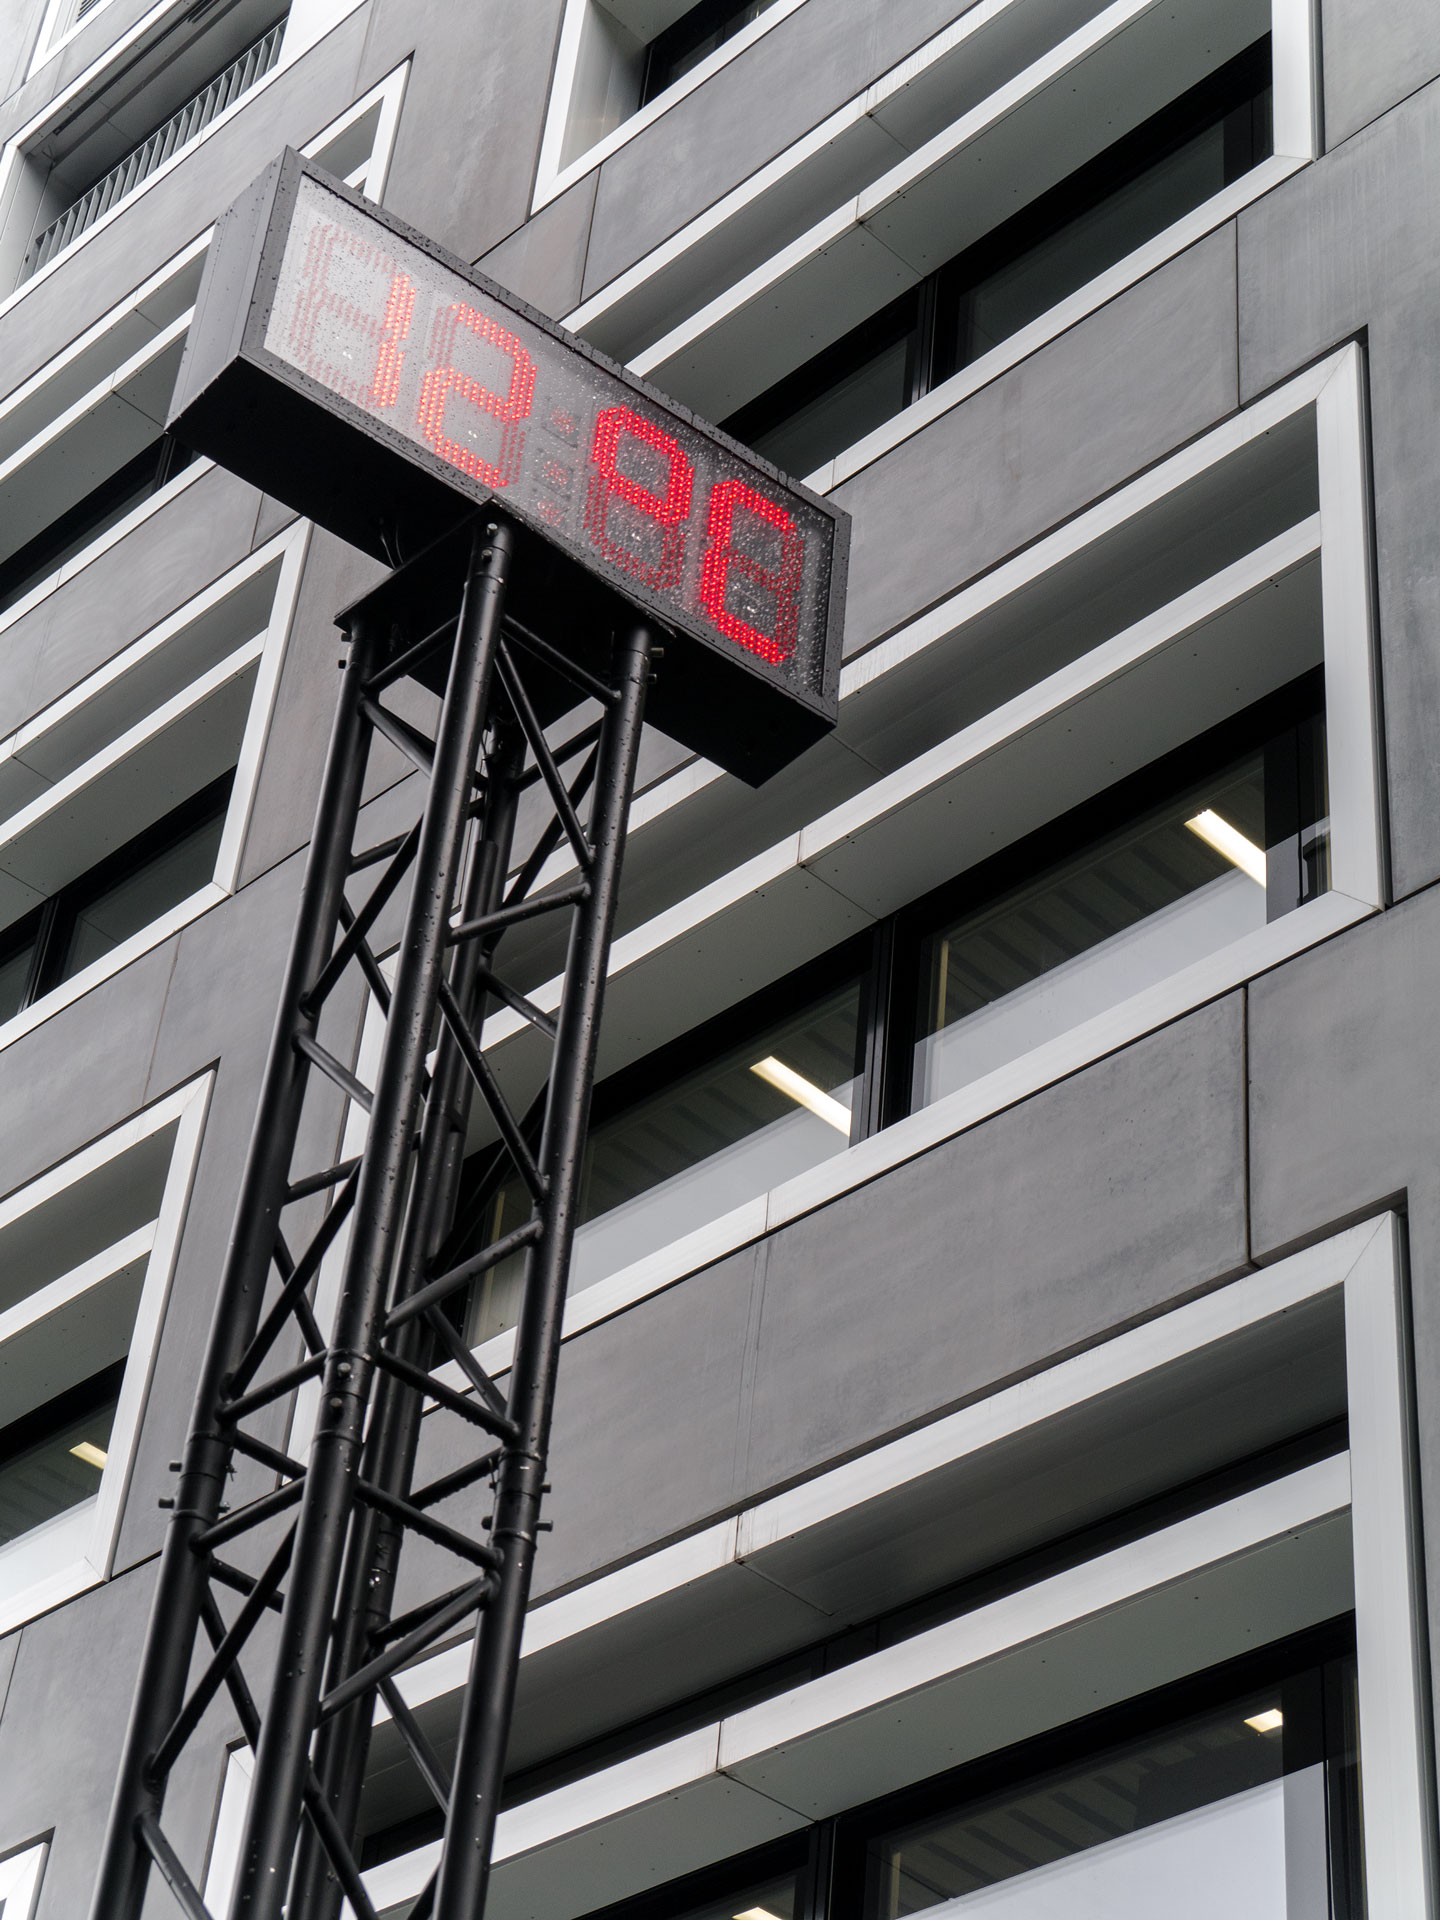 Schwarzes Metall und leuchtend rote Schrift verleihen dem Objekt eine Präsenz im Zwischenraum